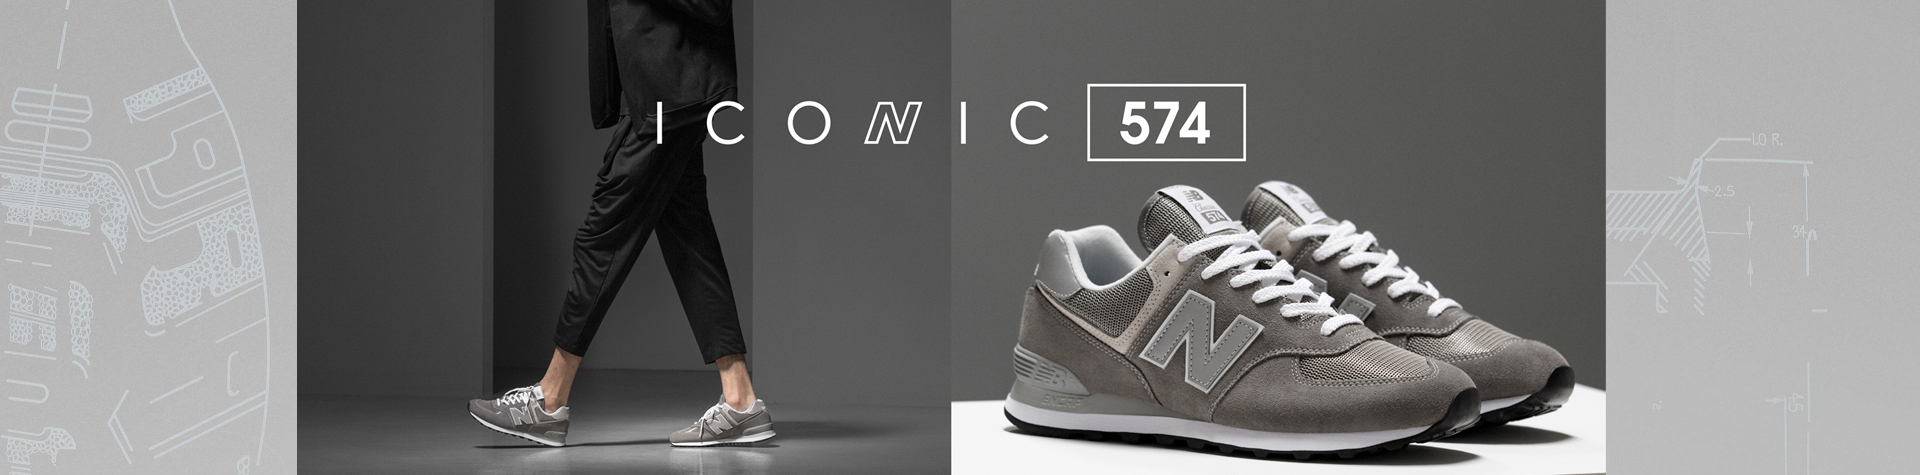 6ba181c0 Официальный представитель New Balance в Беларуси, купить кроссовки ...